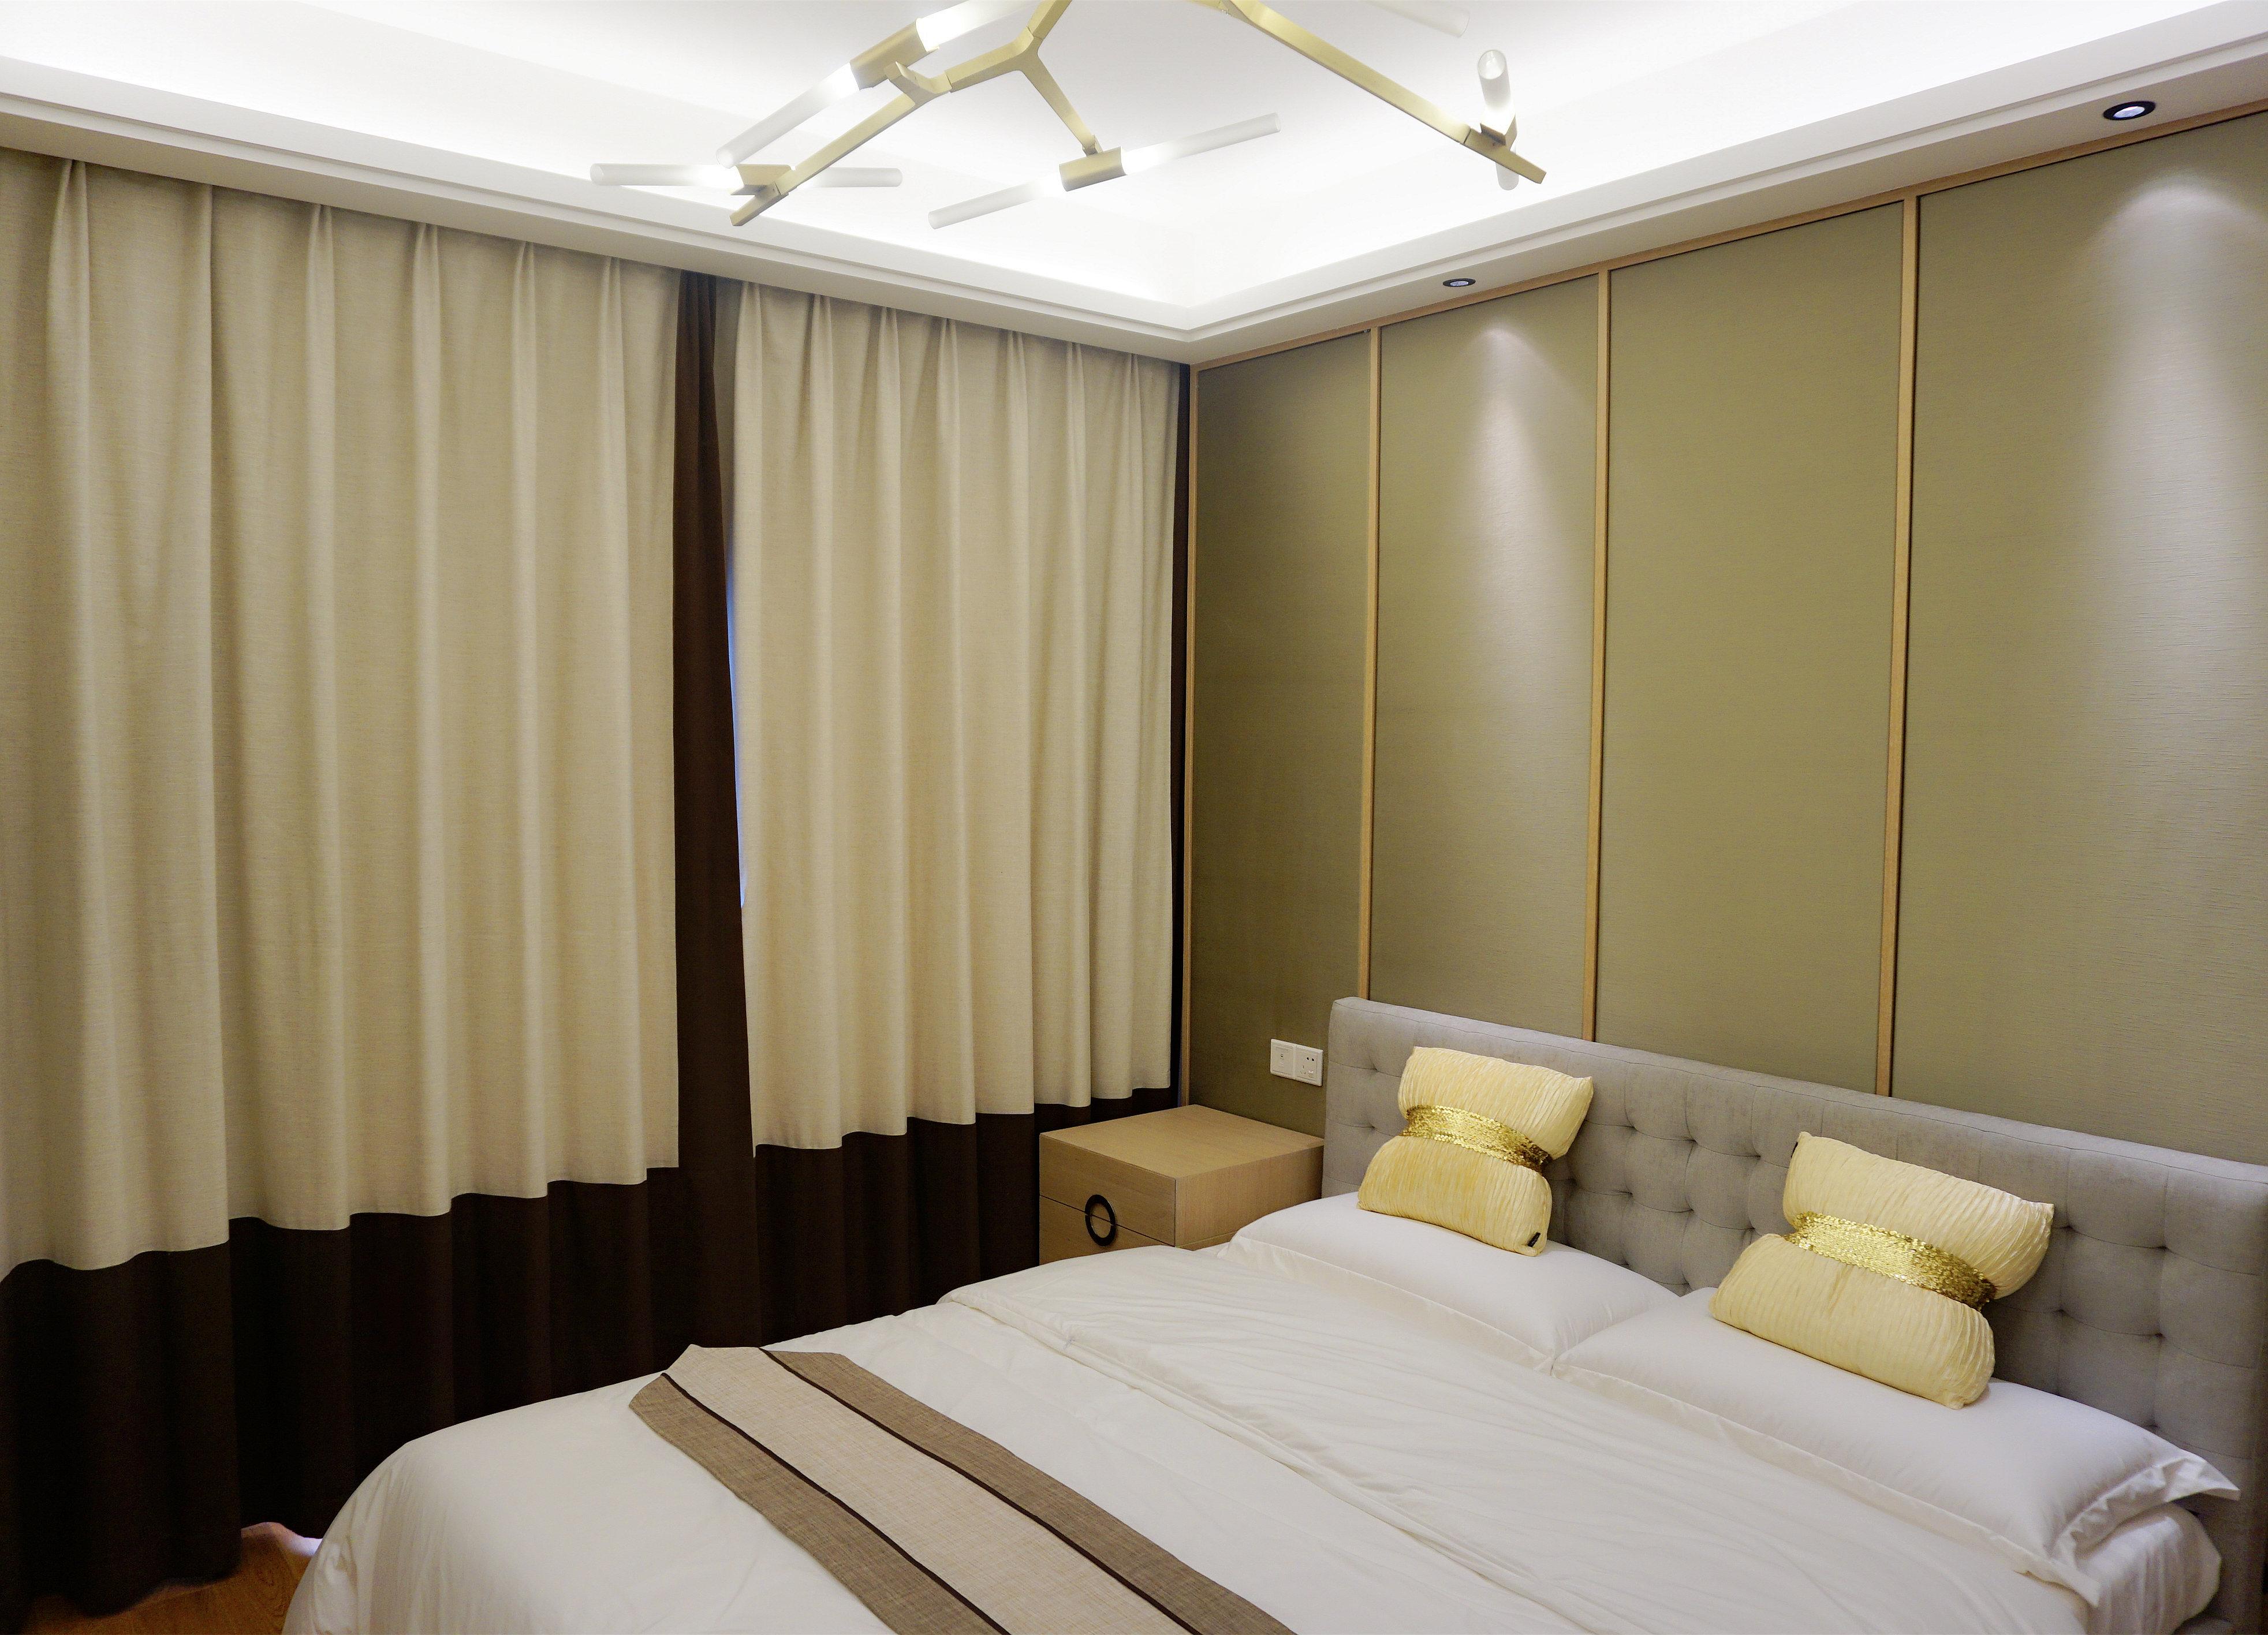 简约 二居 收纳 80后 小资 天汇设计 新中式 禅意中式 卧室图片来自游小华在《朴居》的分享